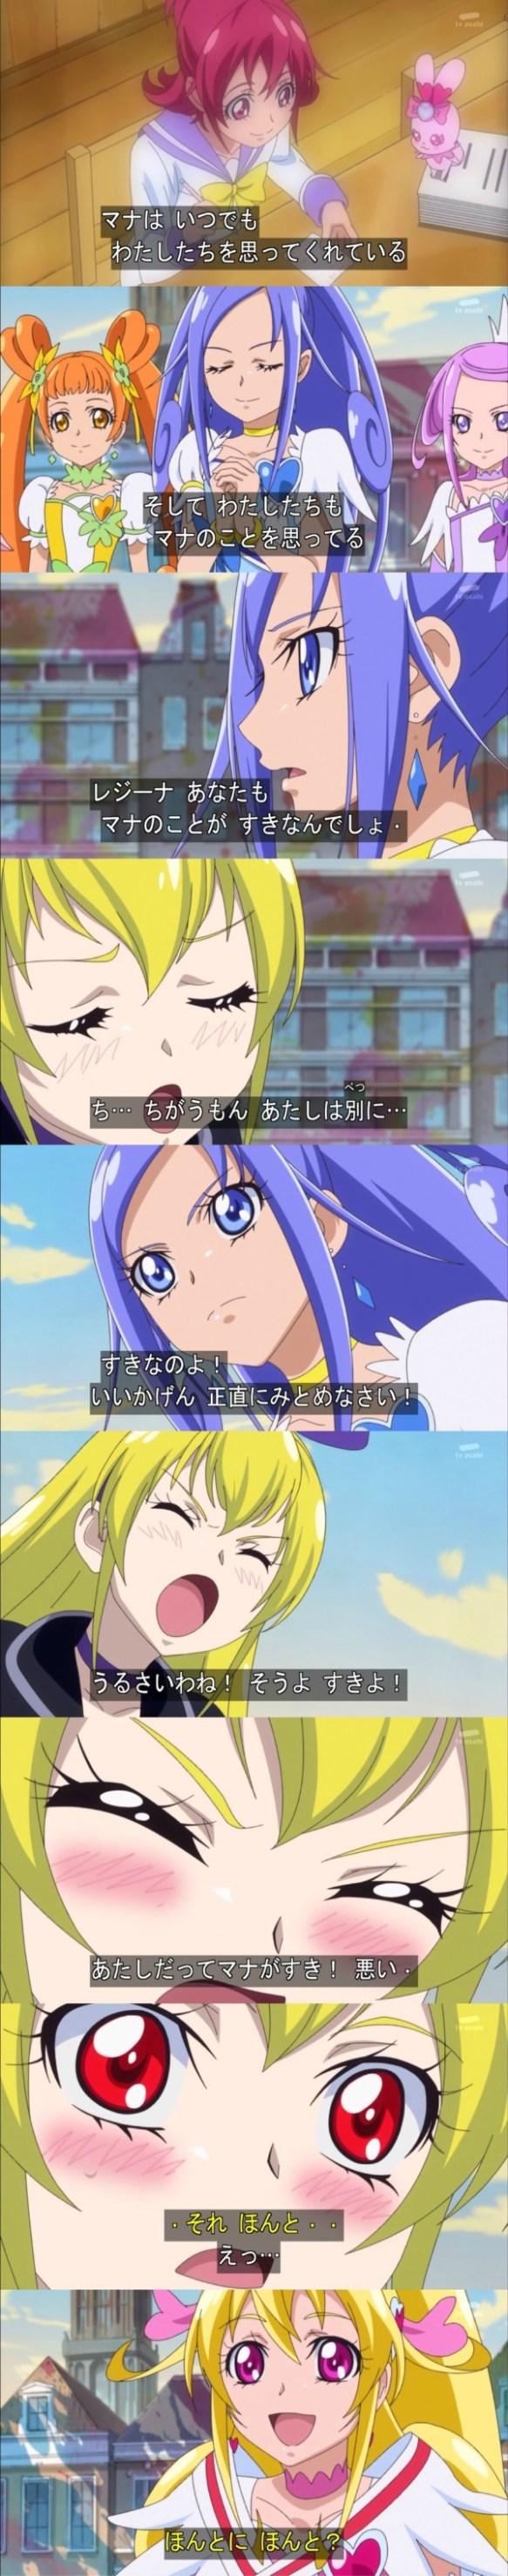 女児「なんやこのガチレズアニメ…」